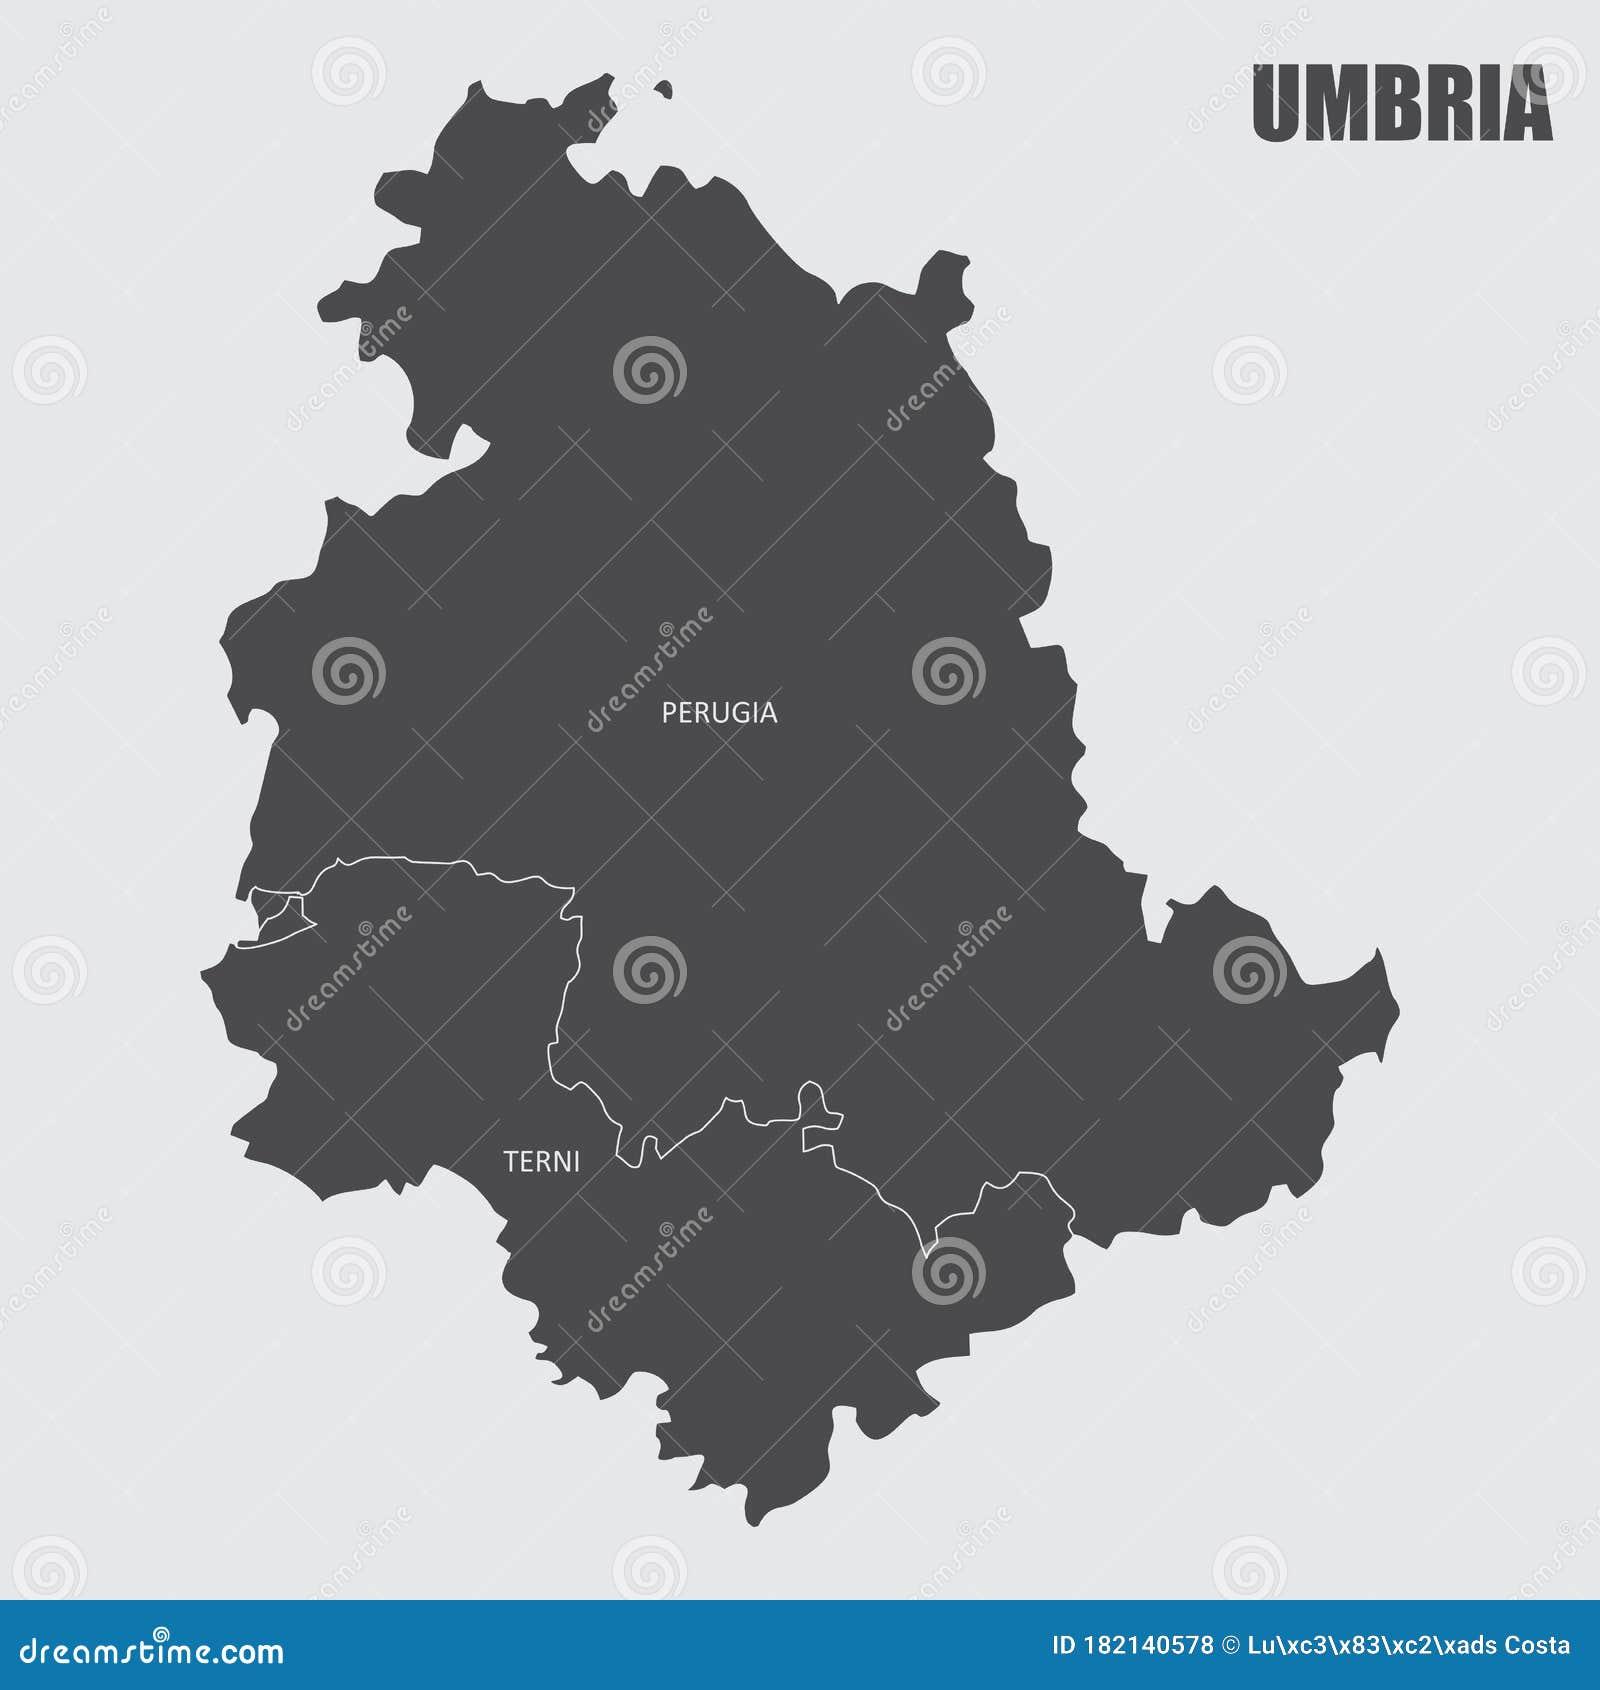 Cartina Geografica Dettagliata Dell Umbria.Cartina Geografica Dell Umbria Illustrazione Di Stock Illustrazione Di Illustrazione Icona 182140578